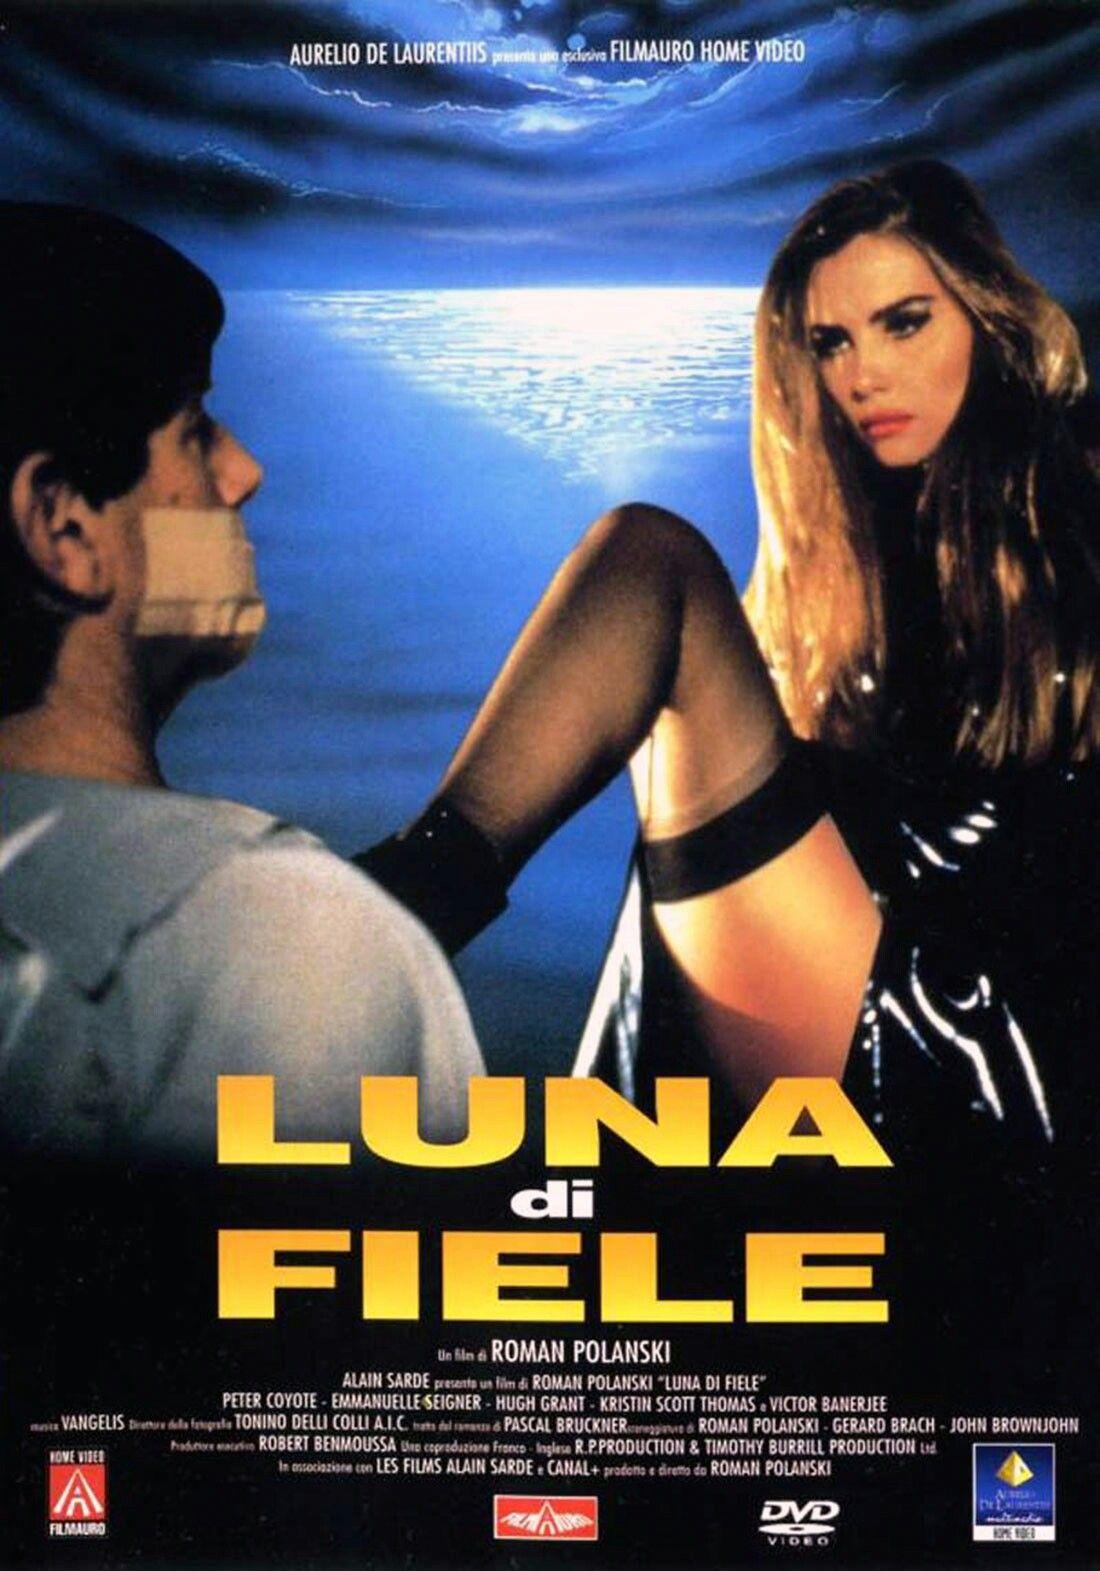 Luna Di Fiele Bitter Moon E Un Film Del 1992prodotto E Diretto Da Roman Polanski Tratto Dal Romanzo Omonimo Di Pascal Bitter Moon Full Movies Roman Polanski